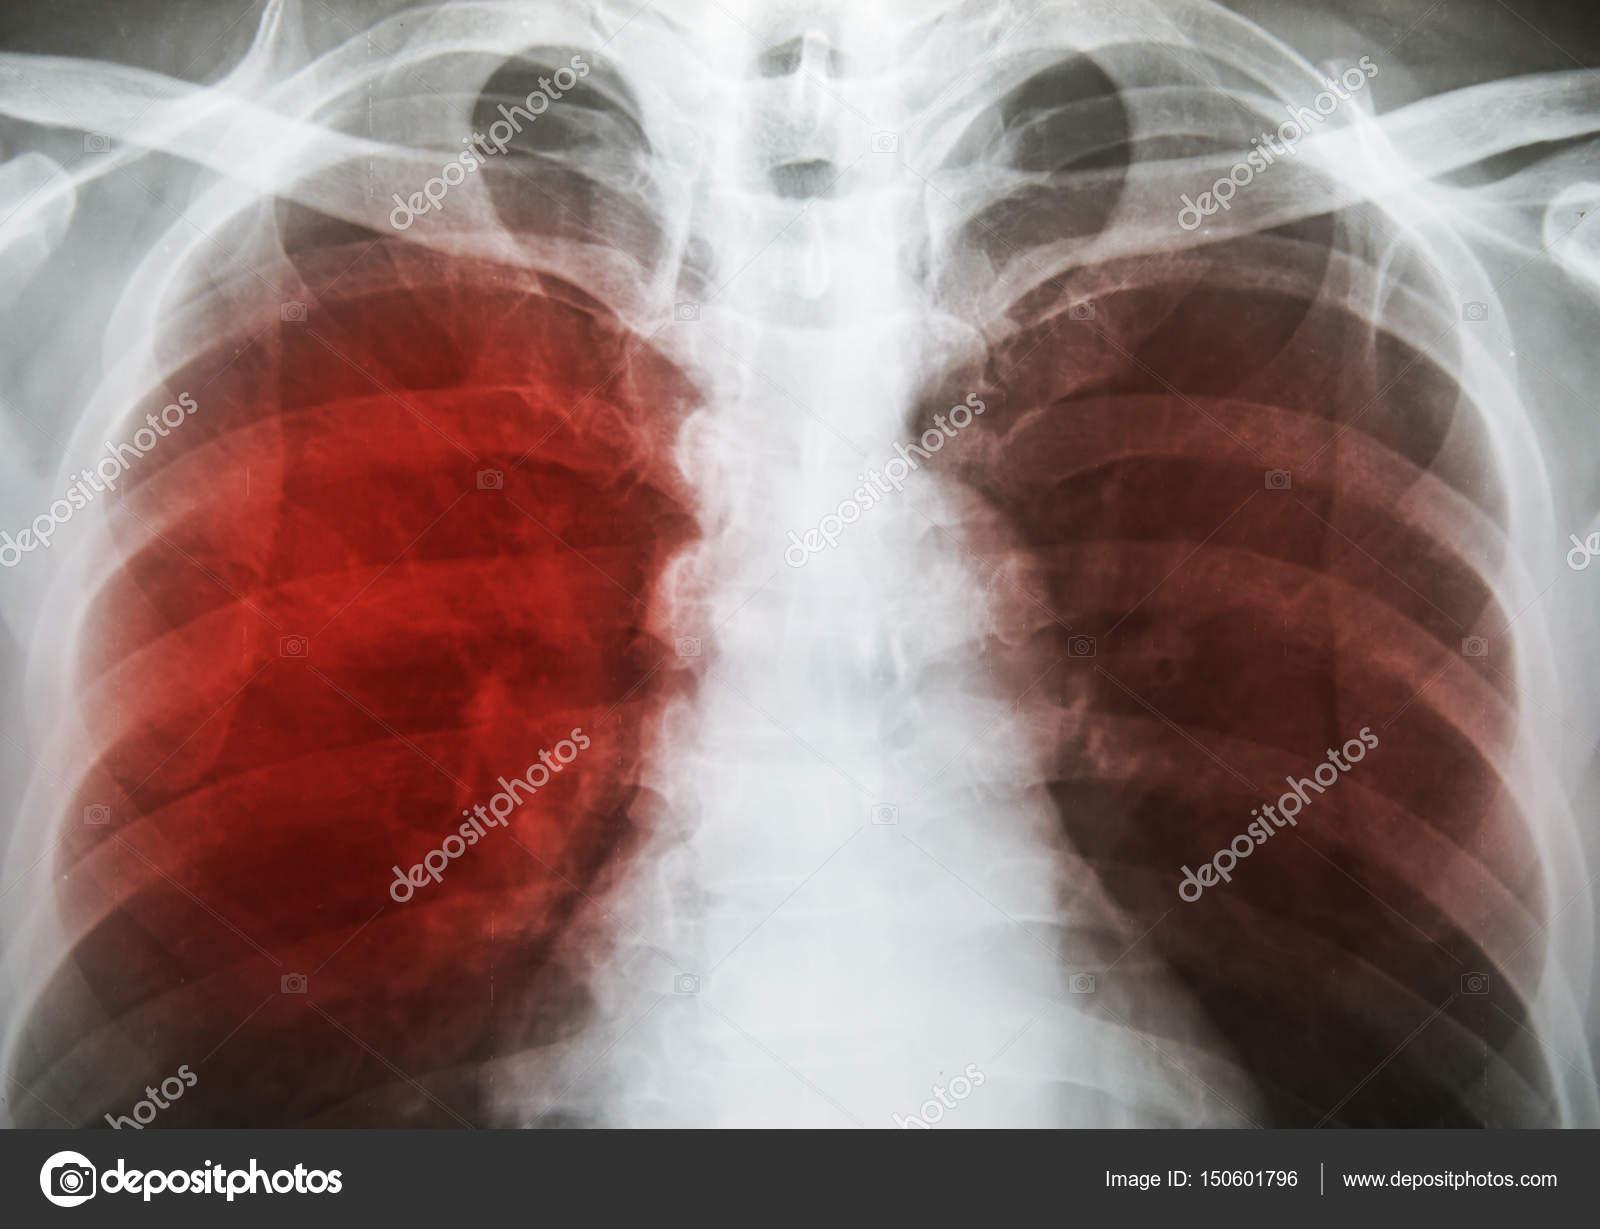 Туберкулёз лёгких симптомы у детей 12 лет фото